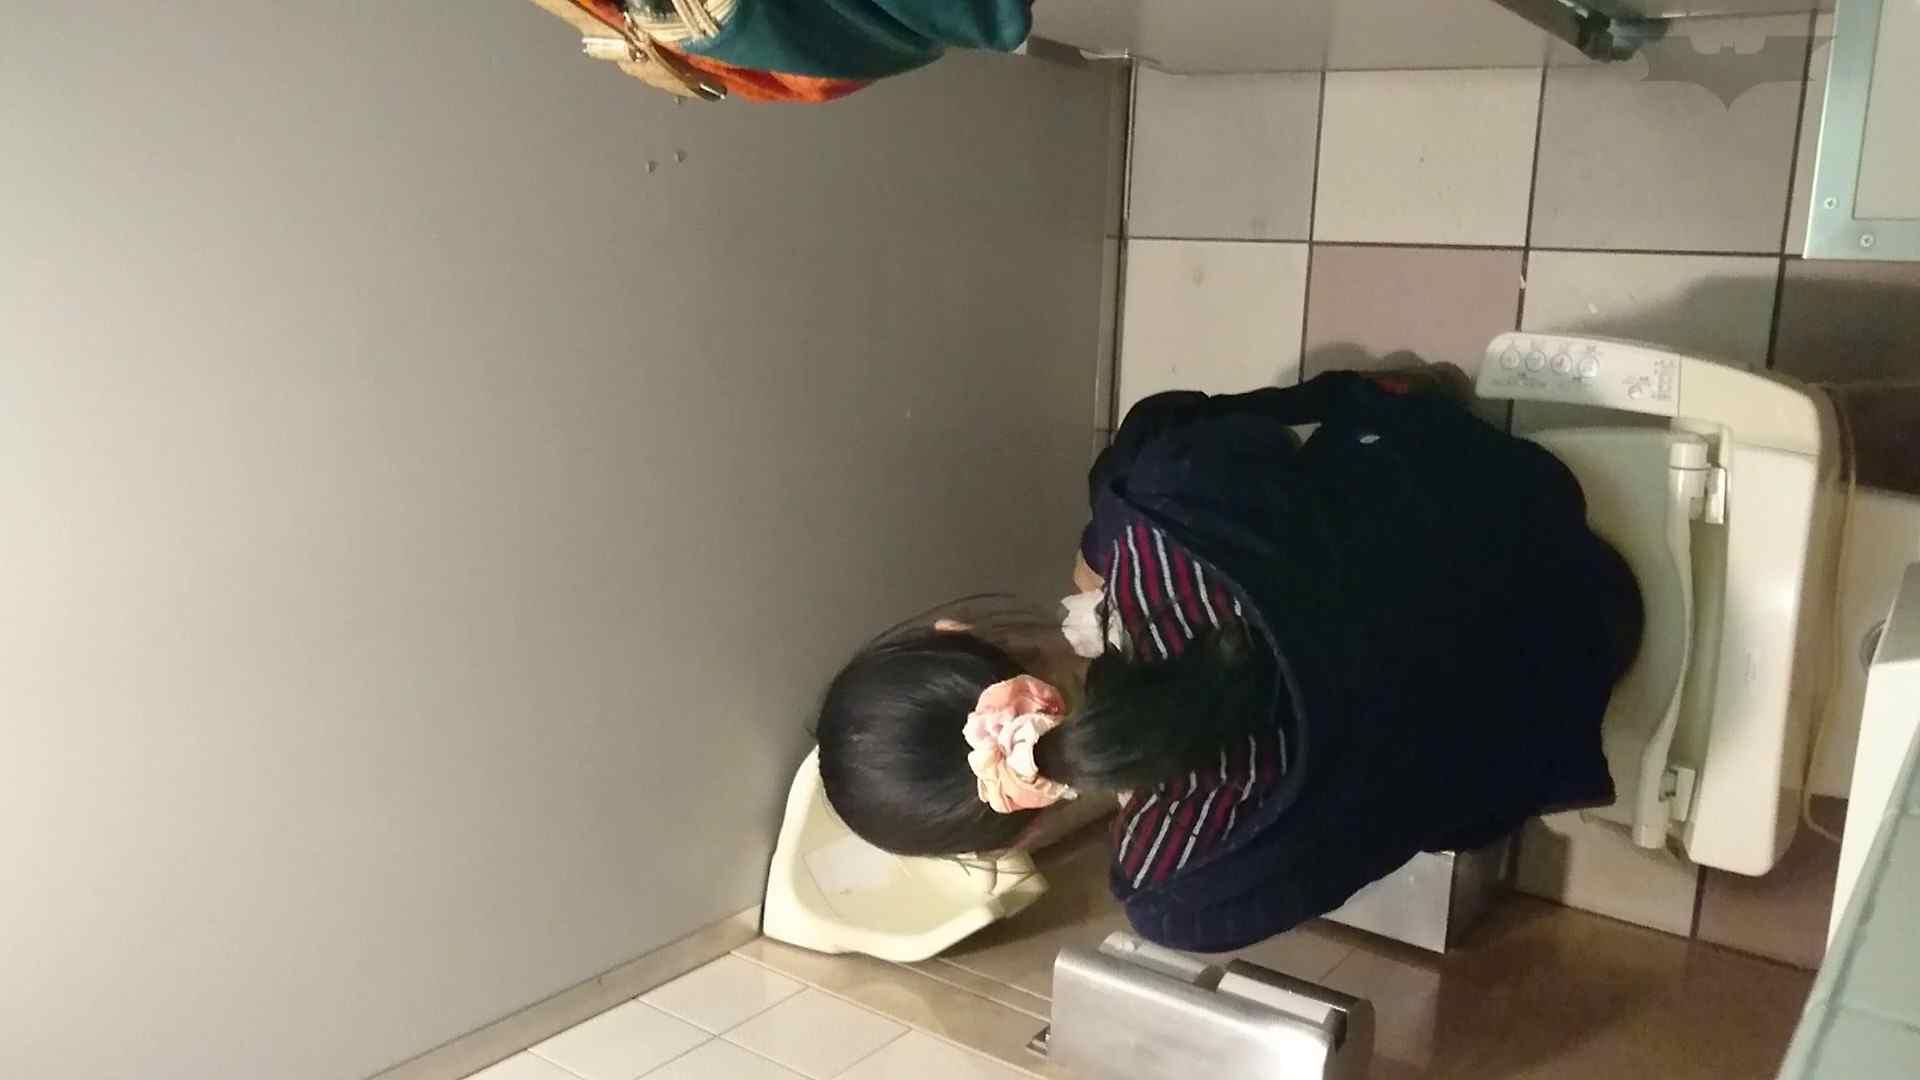 化粧室絵巻 ショッピングモール編 VOL.16 美肌 すけべAV動画紹介 55画像 4